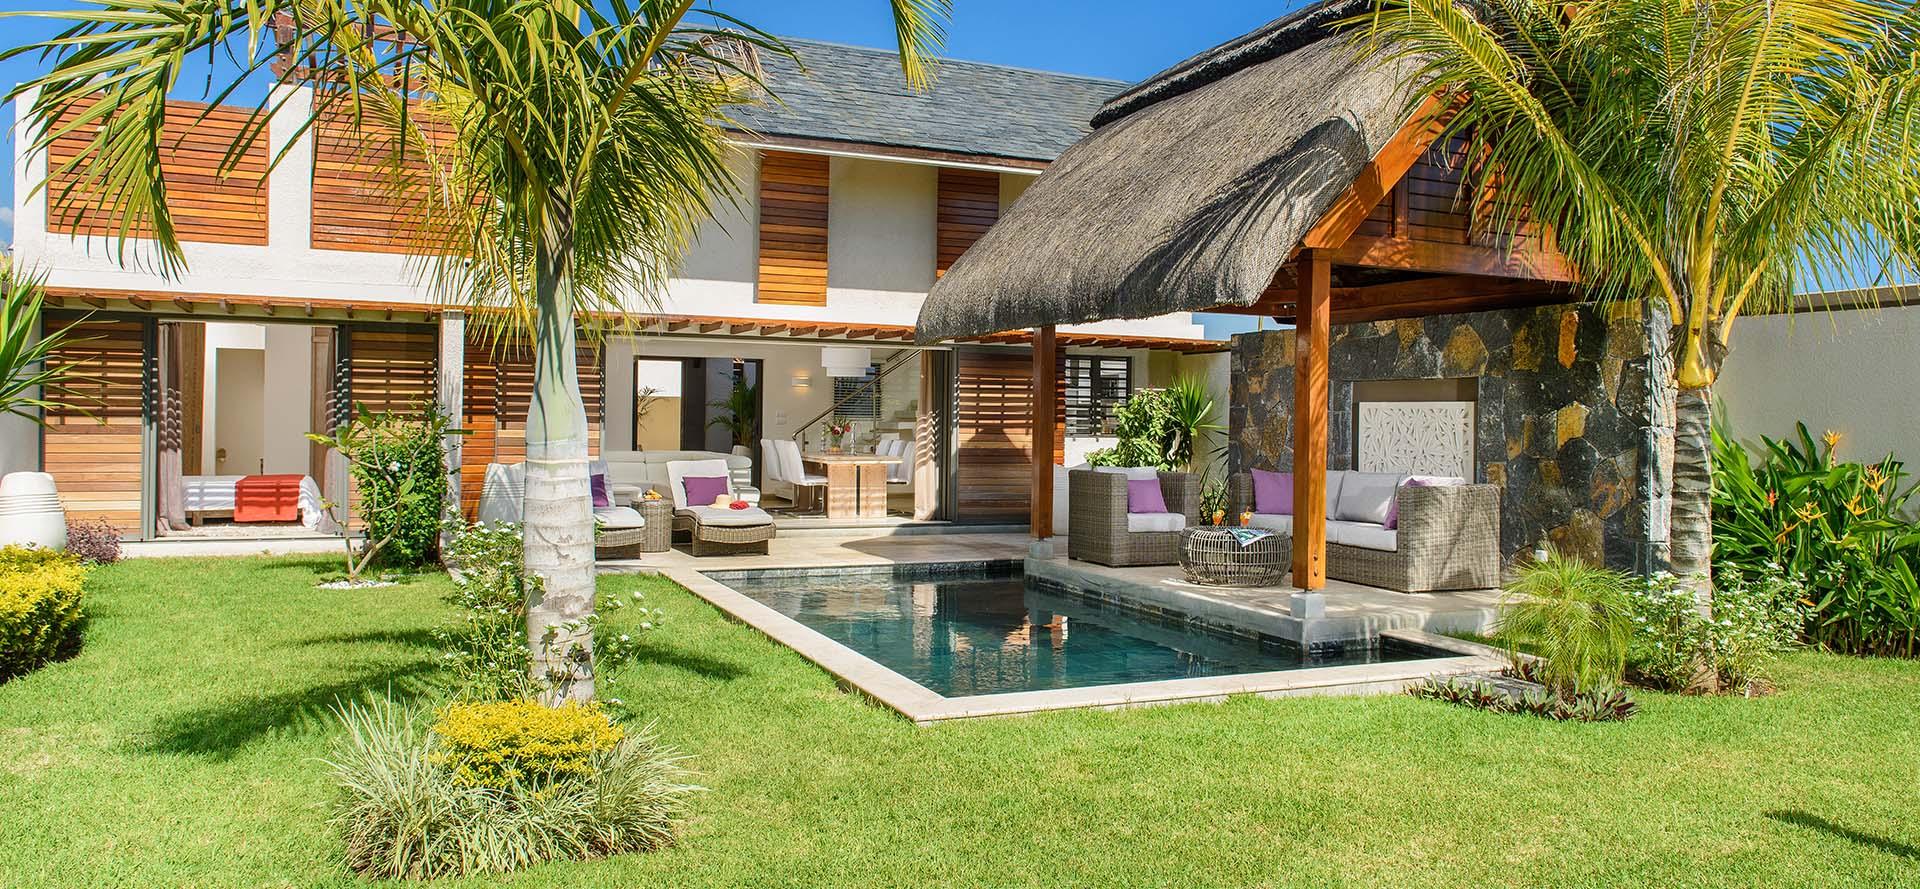 Clos du Littoral - Villa de luxe à Grand Baie - île Maurice